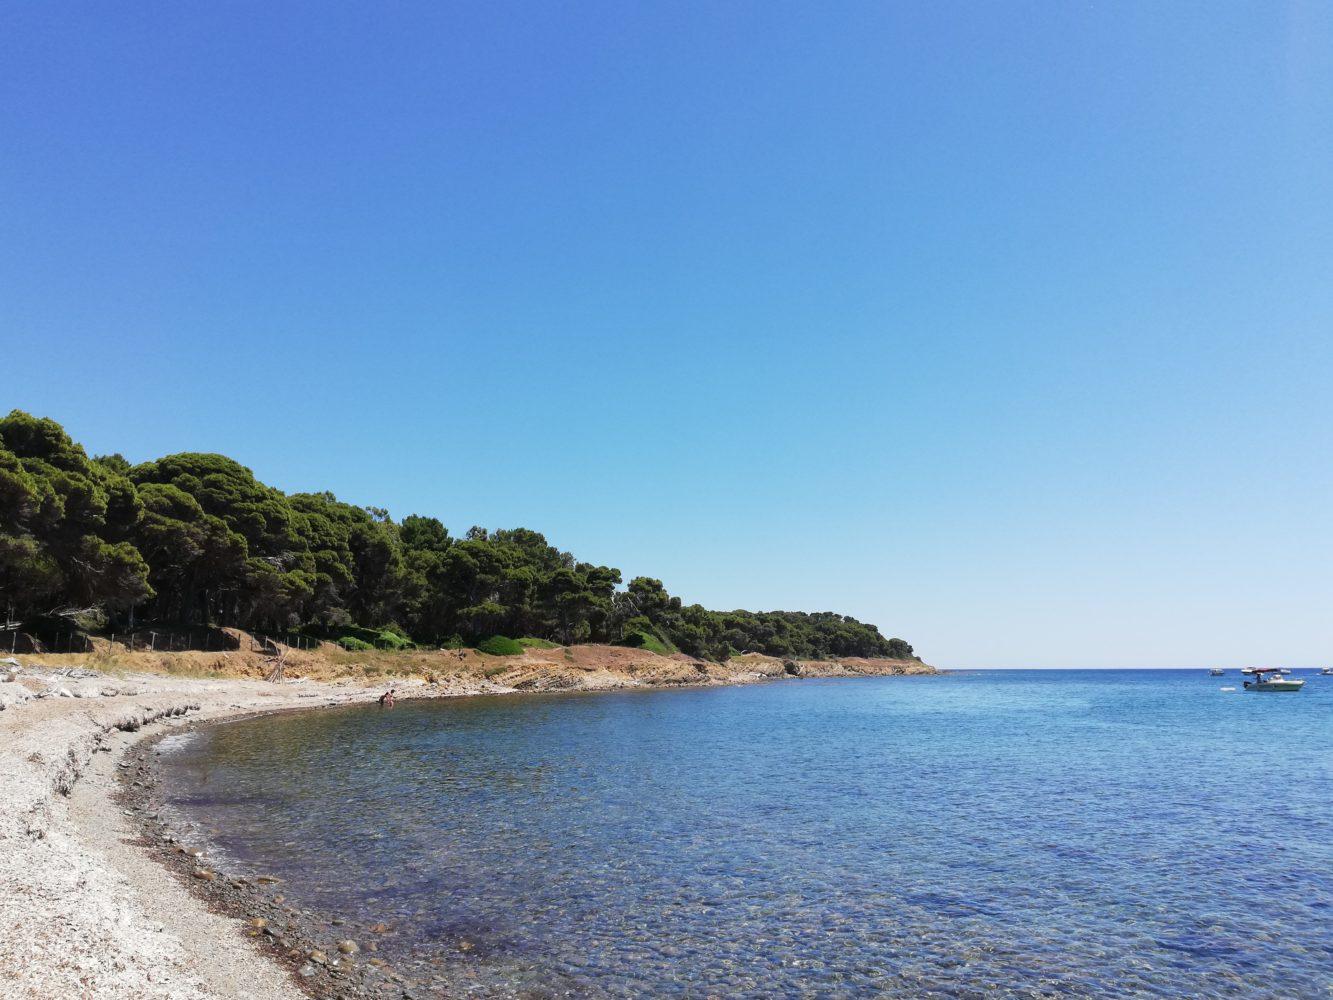 la spiaggia di punta licosa, il mare e il sentiero di punta licosa da san marco di castellabate verso l'isola della sirena leucosia, il cilentano cilento.jpg